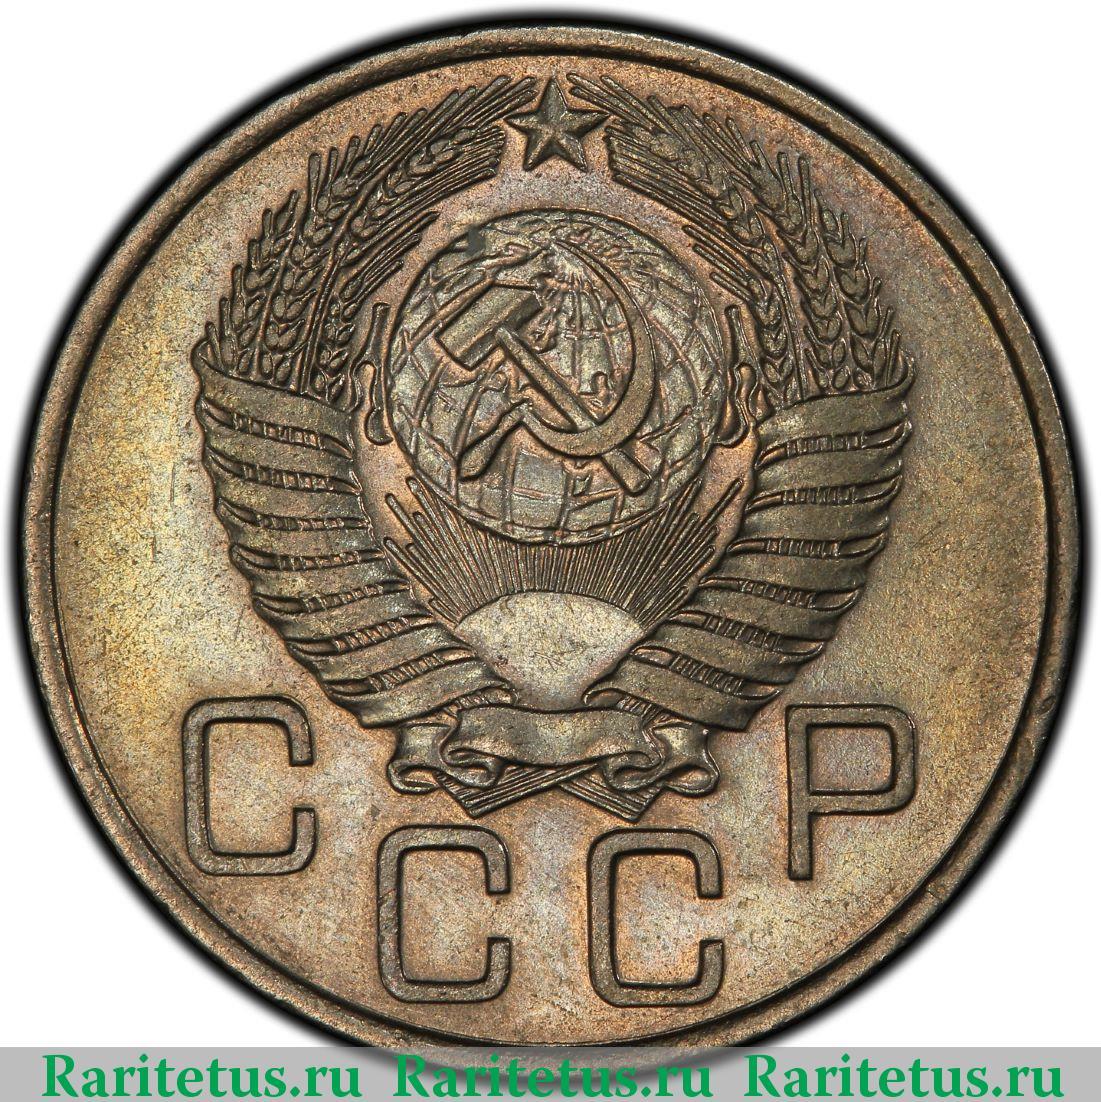 Сколько стоит монета ссср 1955 года 50 сантимов 1992 года